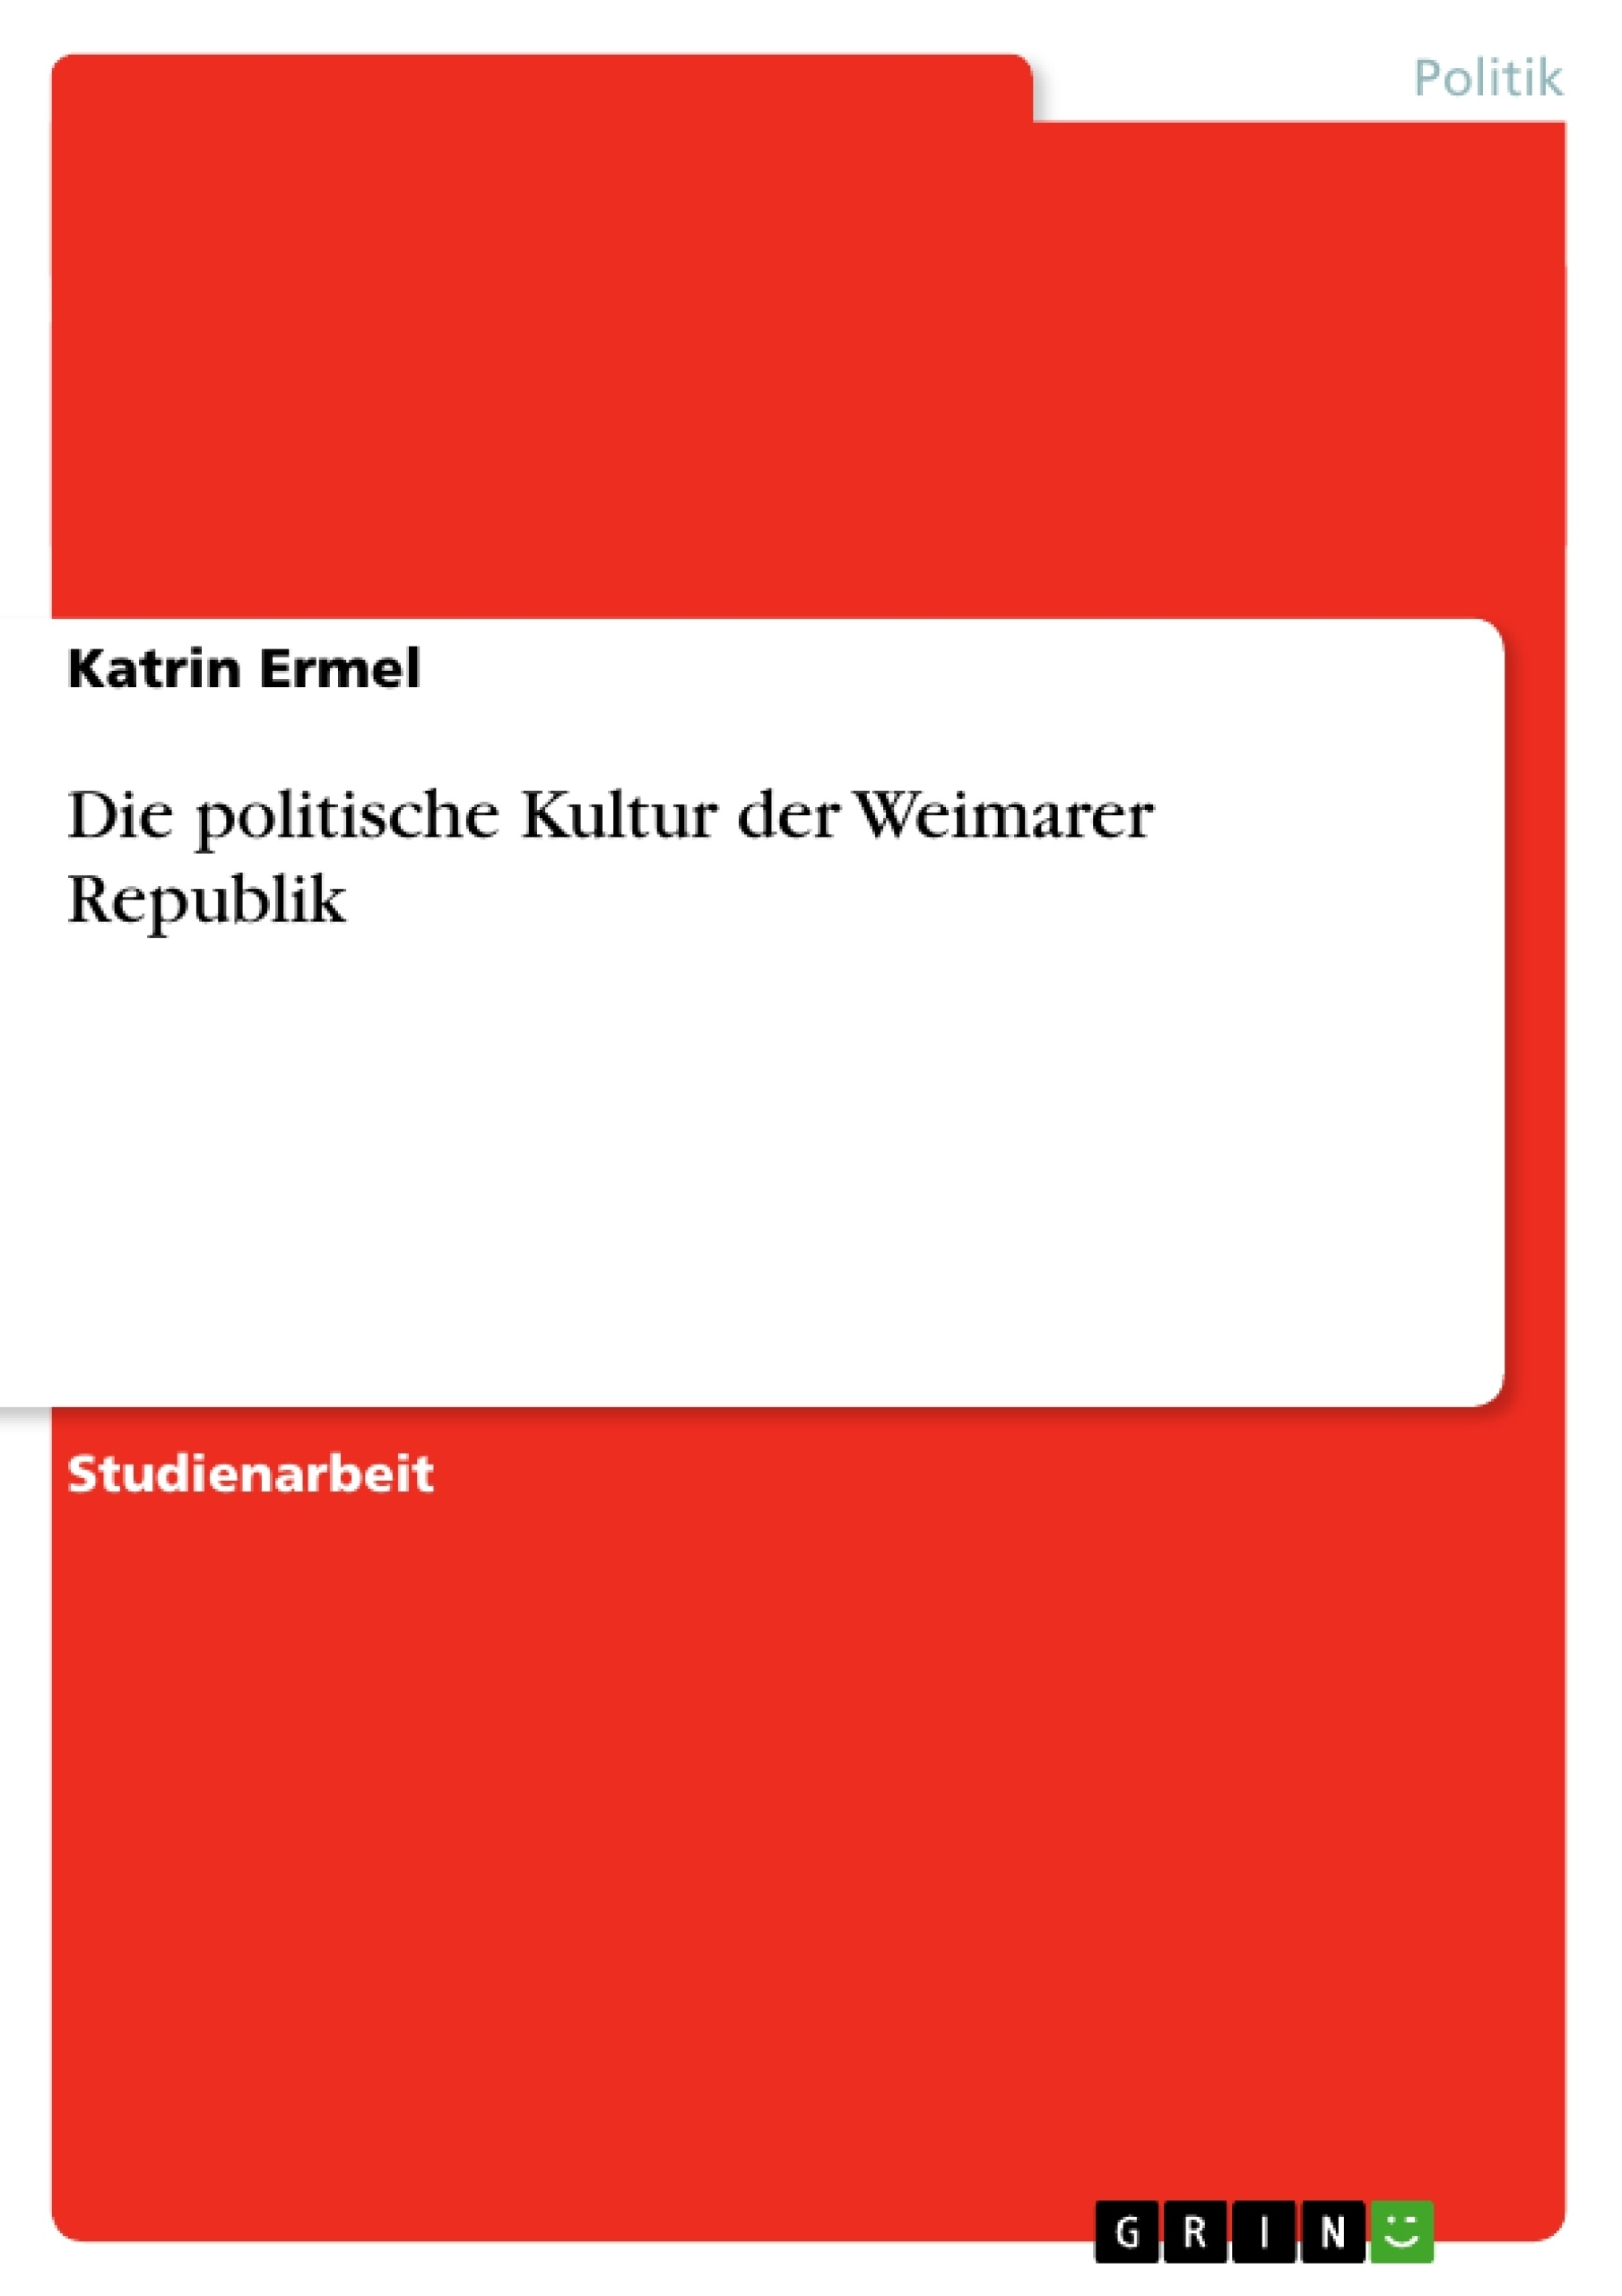 Titel: Die politische Kultur der Weimarer Republik